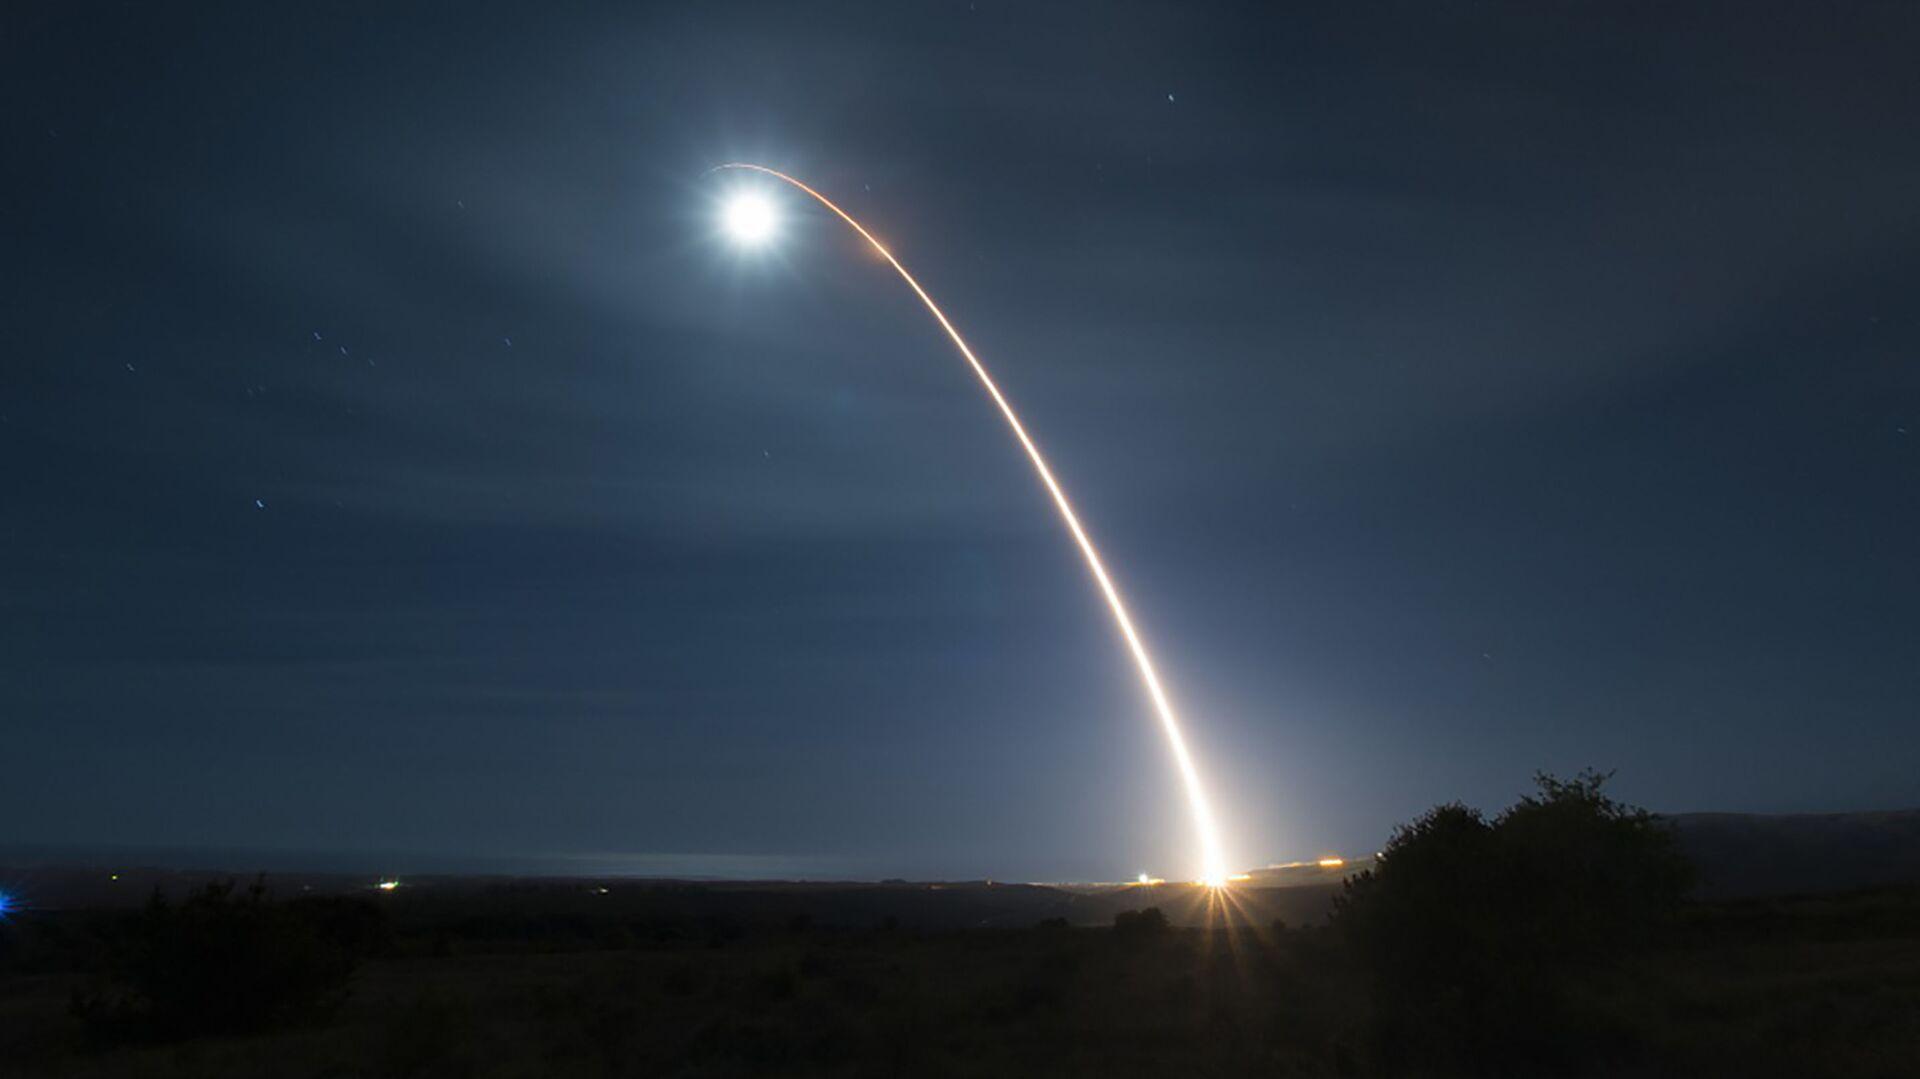 El lanzamiento de un misil balístico estadounidense  - Sputnik Mundo, 1920, 06.05.2021